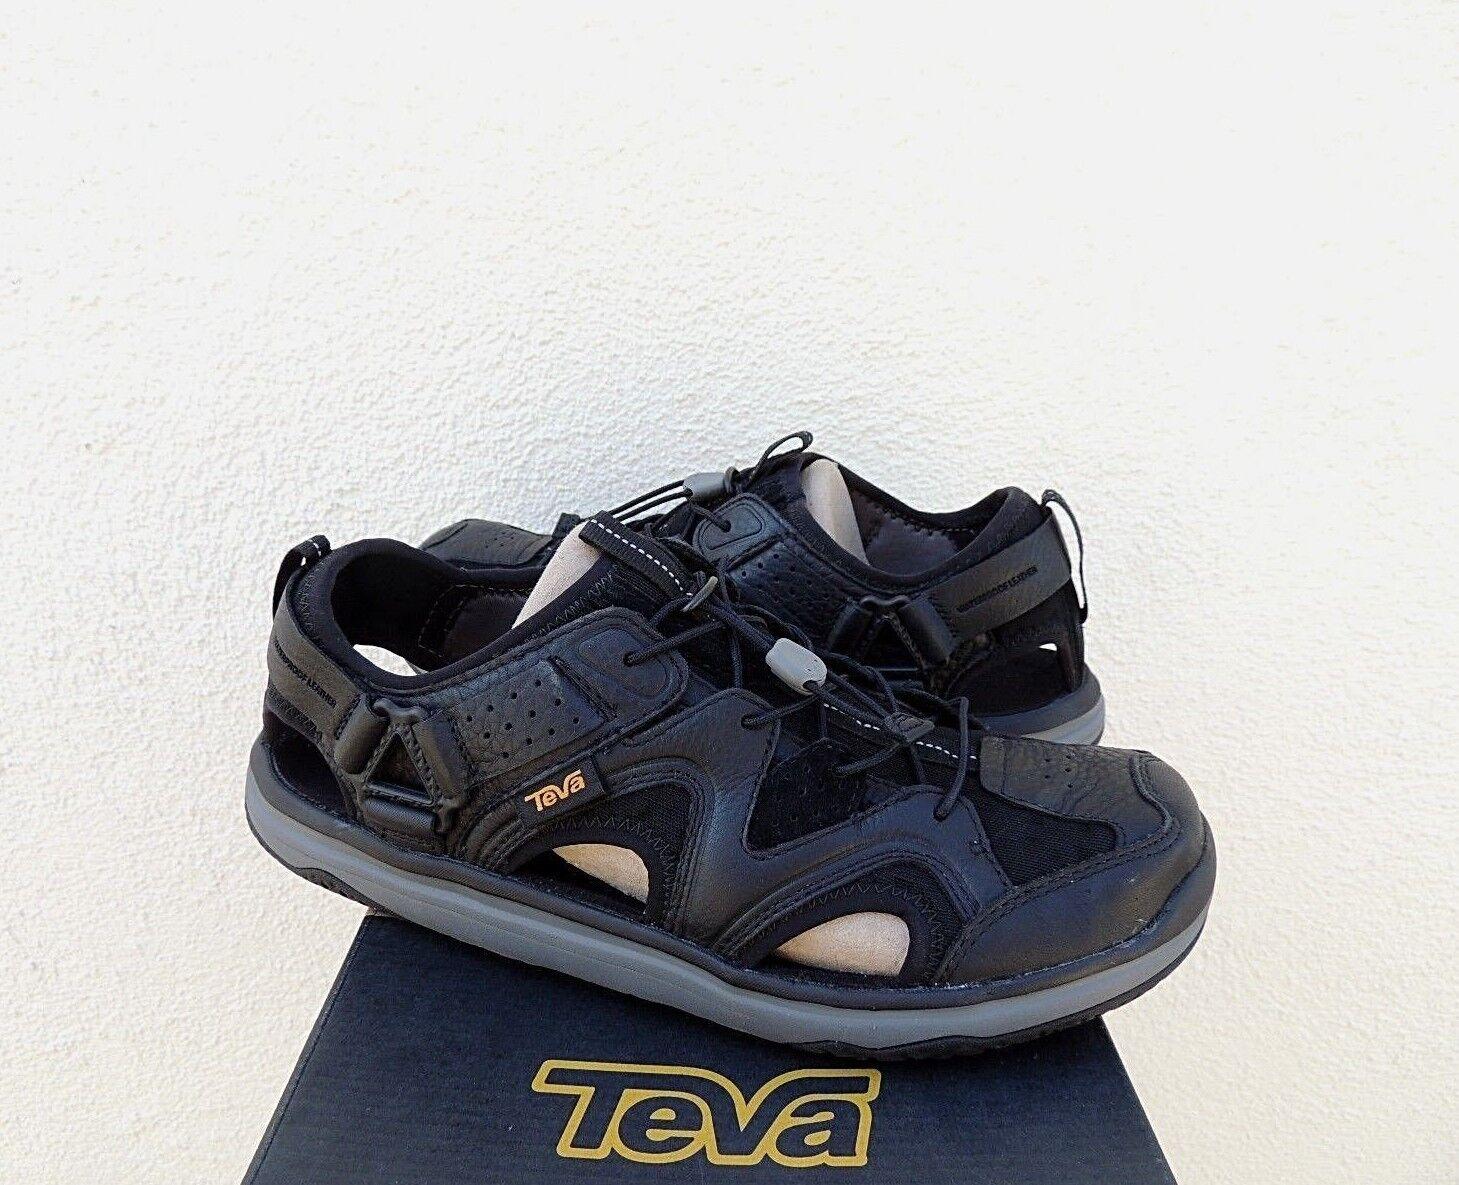 Teva Terra Flotador de viaje de cuero WP Encaje Zapatos Sandalias, Hombres EE. UU. 9.5 42.5 euros  Nuevo